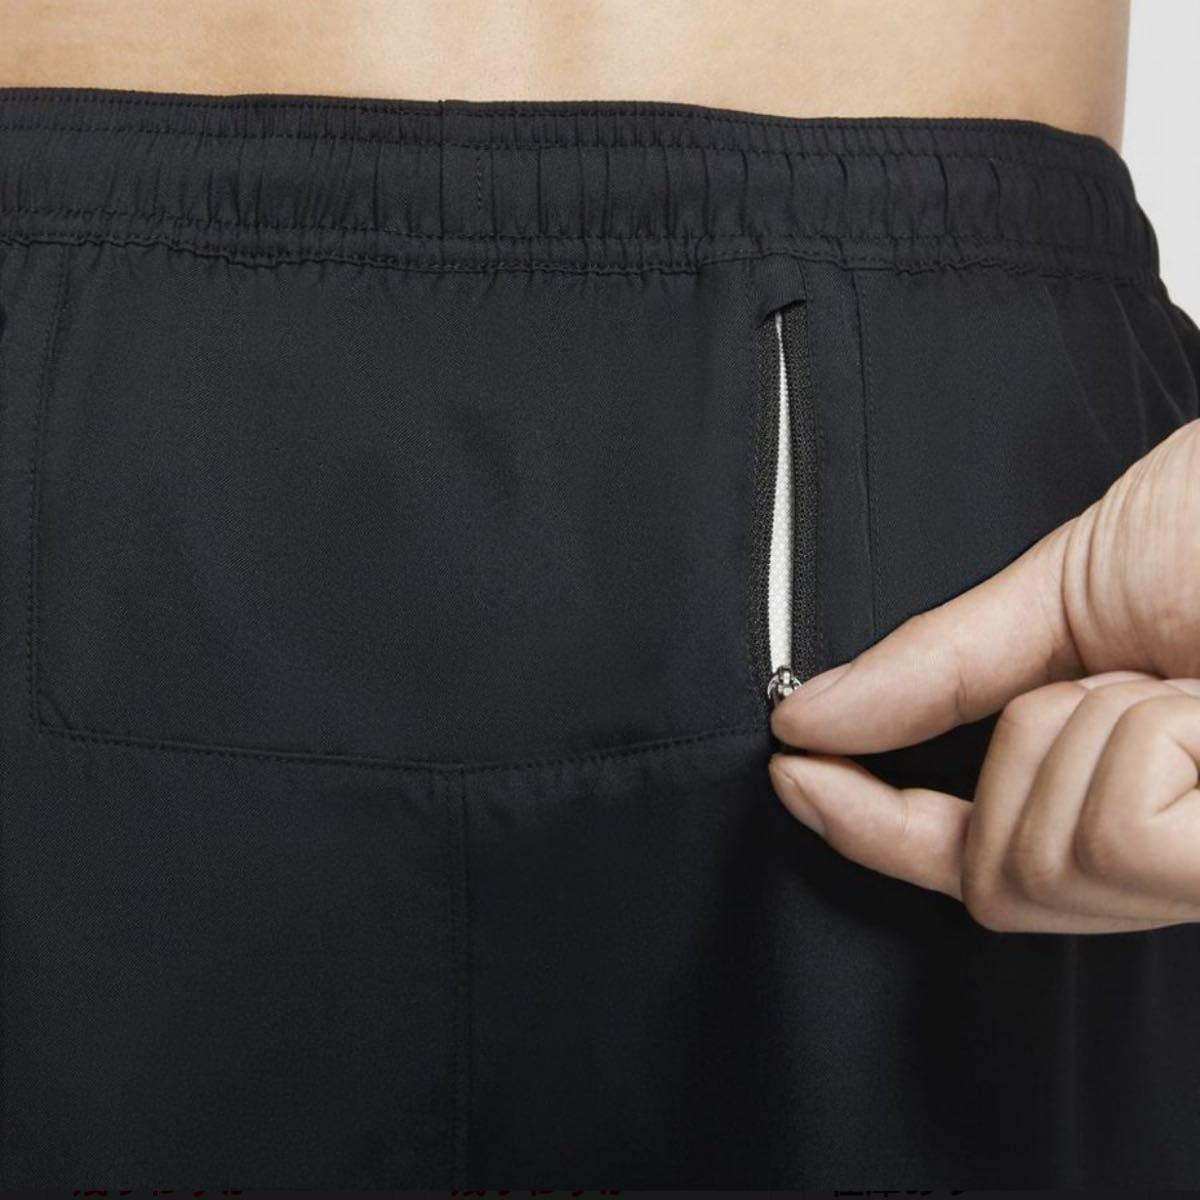 NIKE ナイキ ランニング トレーニング エッセンシャル パンツ ジャージ Lサイズ 新品未使用